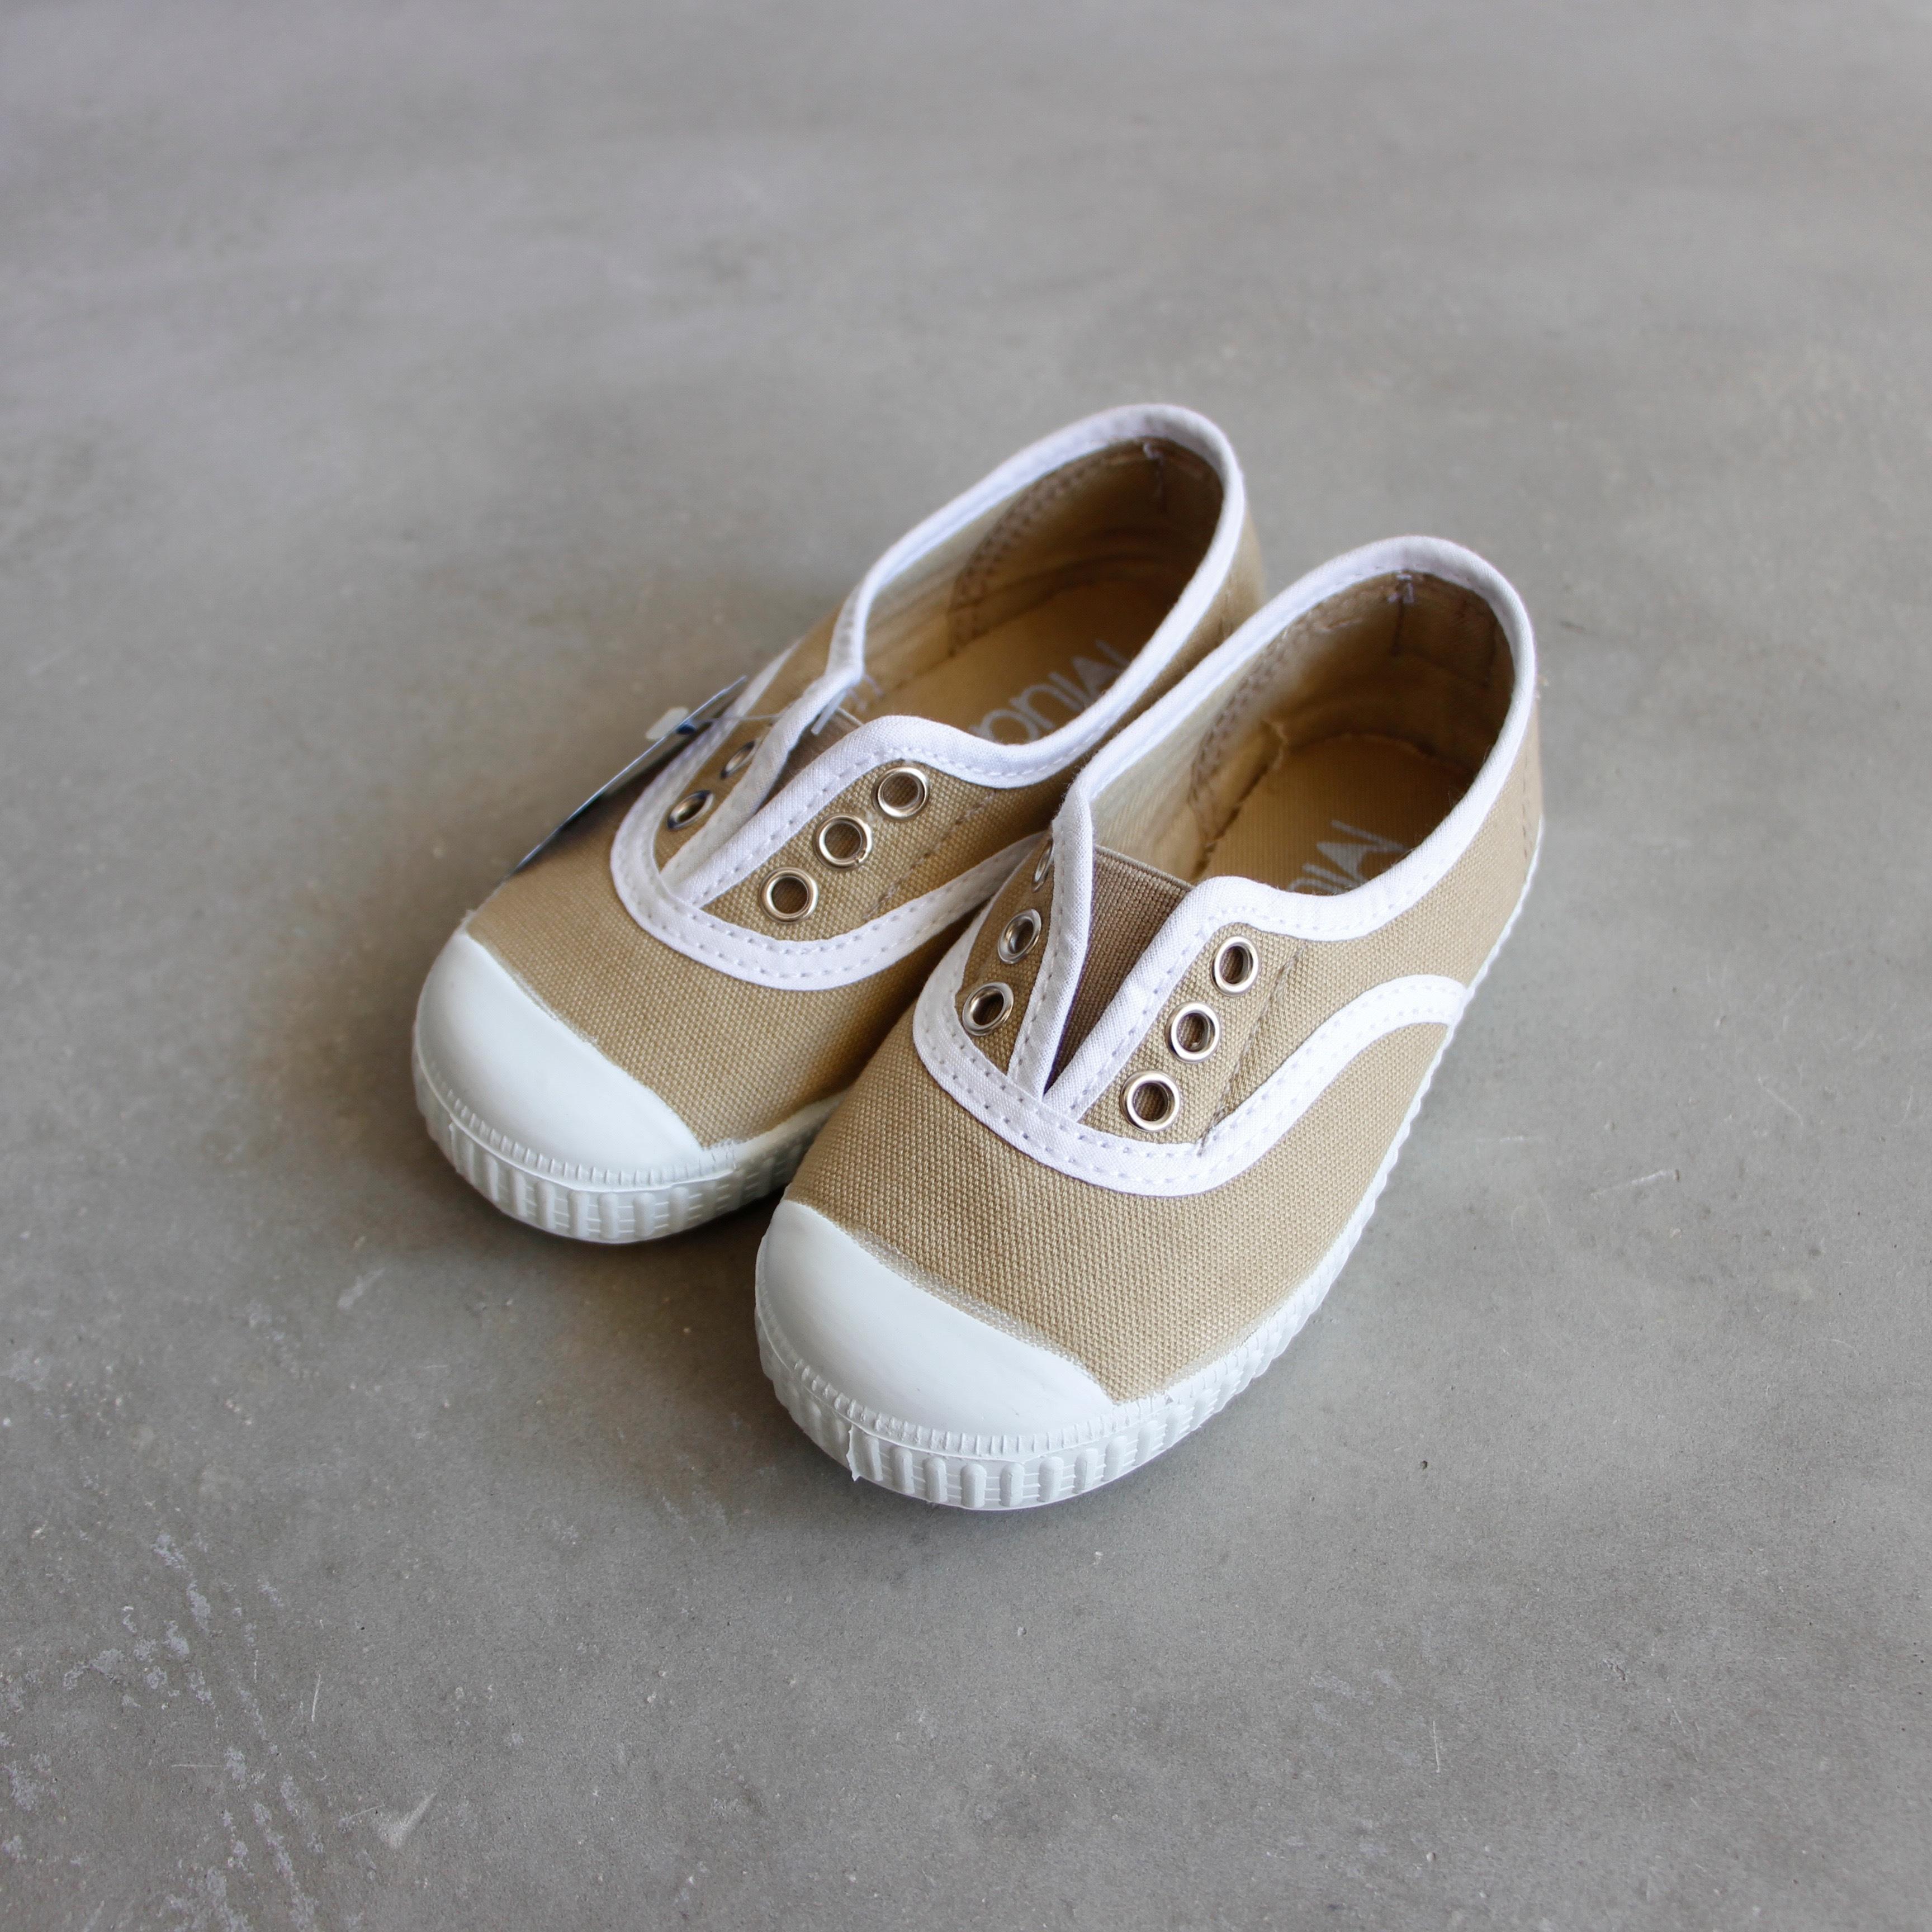 《LA CADENA》INGLES ELASTICO P / beige(white trim) / 23-27(14-17cm)